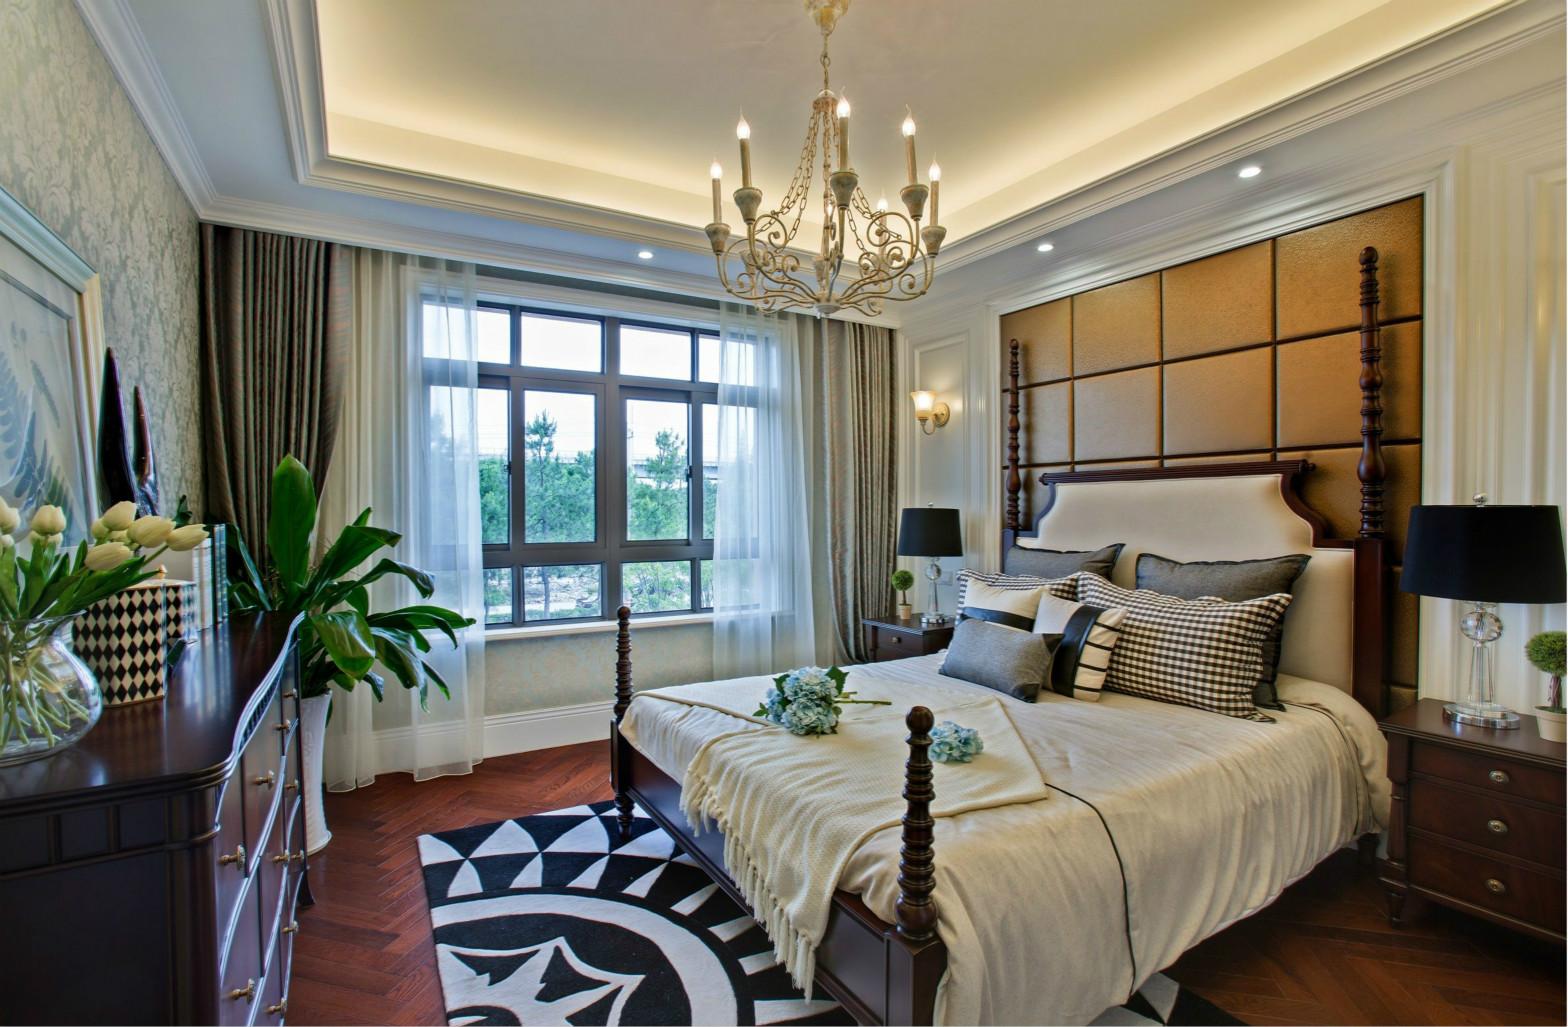 主卧室的装修设计花费了不少心思,带来时尚而个性的品位感。